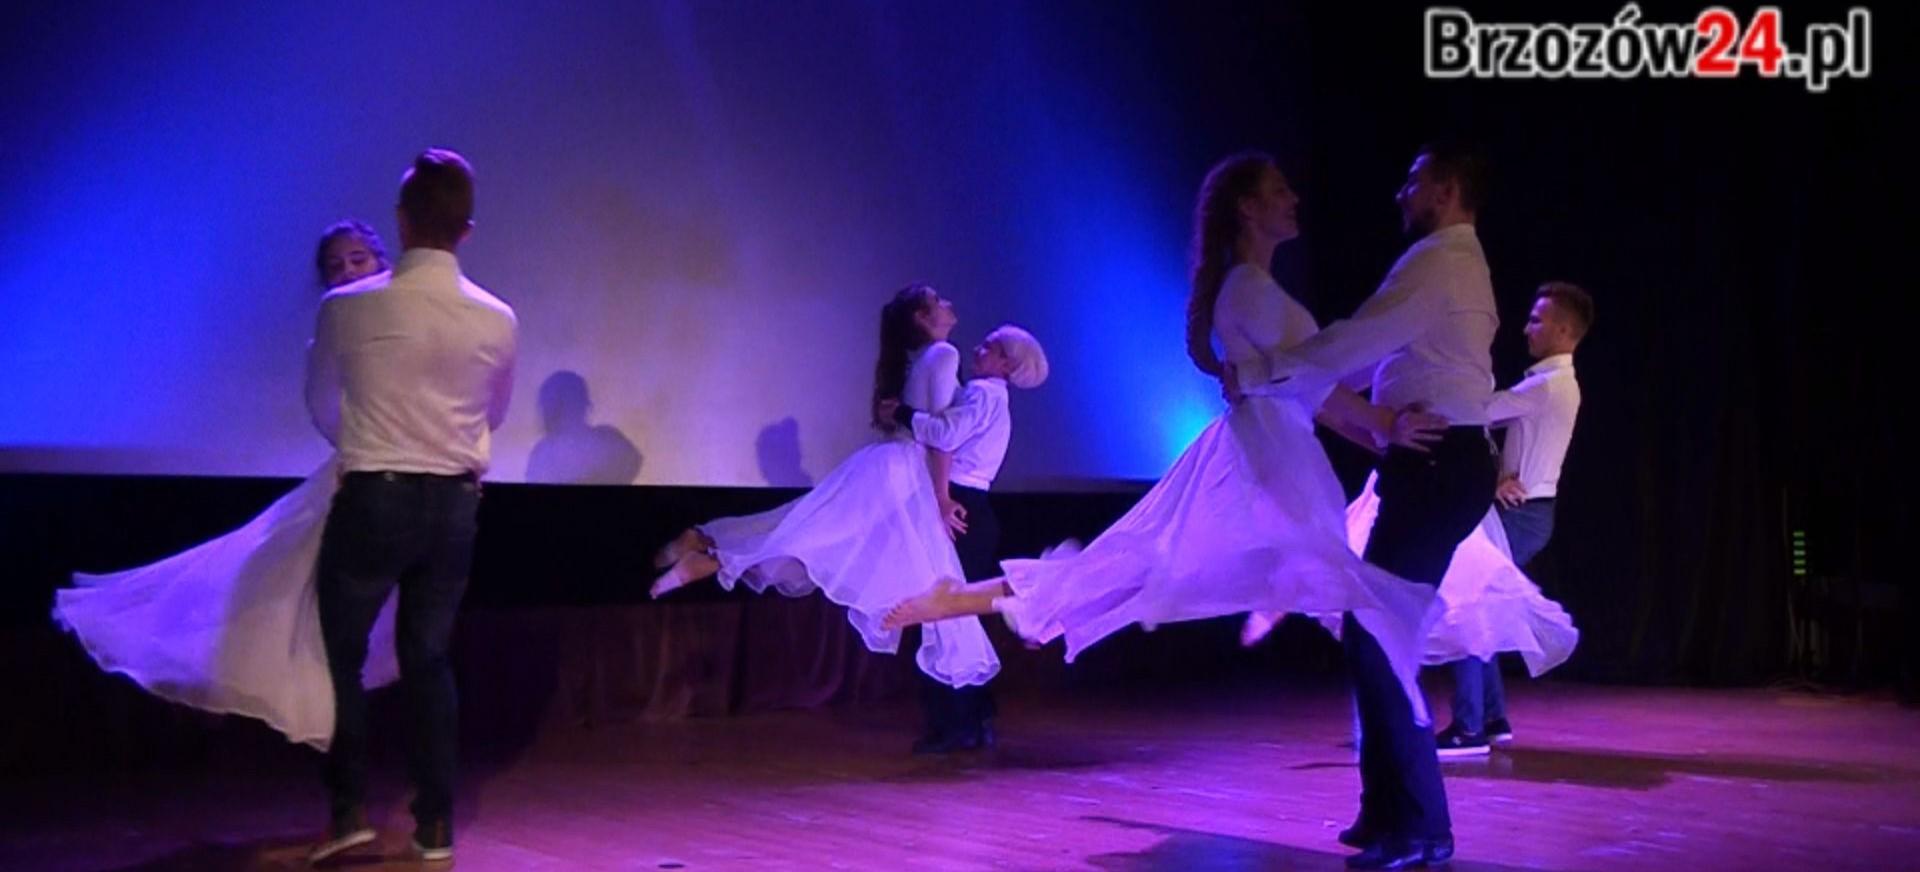 Jazz, kultowe przeboje i efektowny taniec. Koncert w Brzozowskim Domu Kultury (VIDEO)